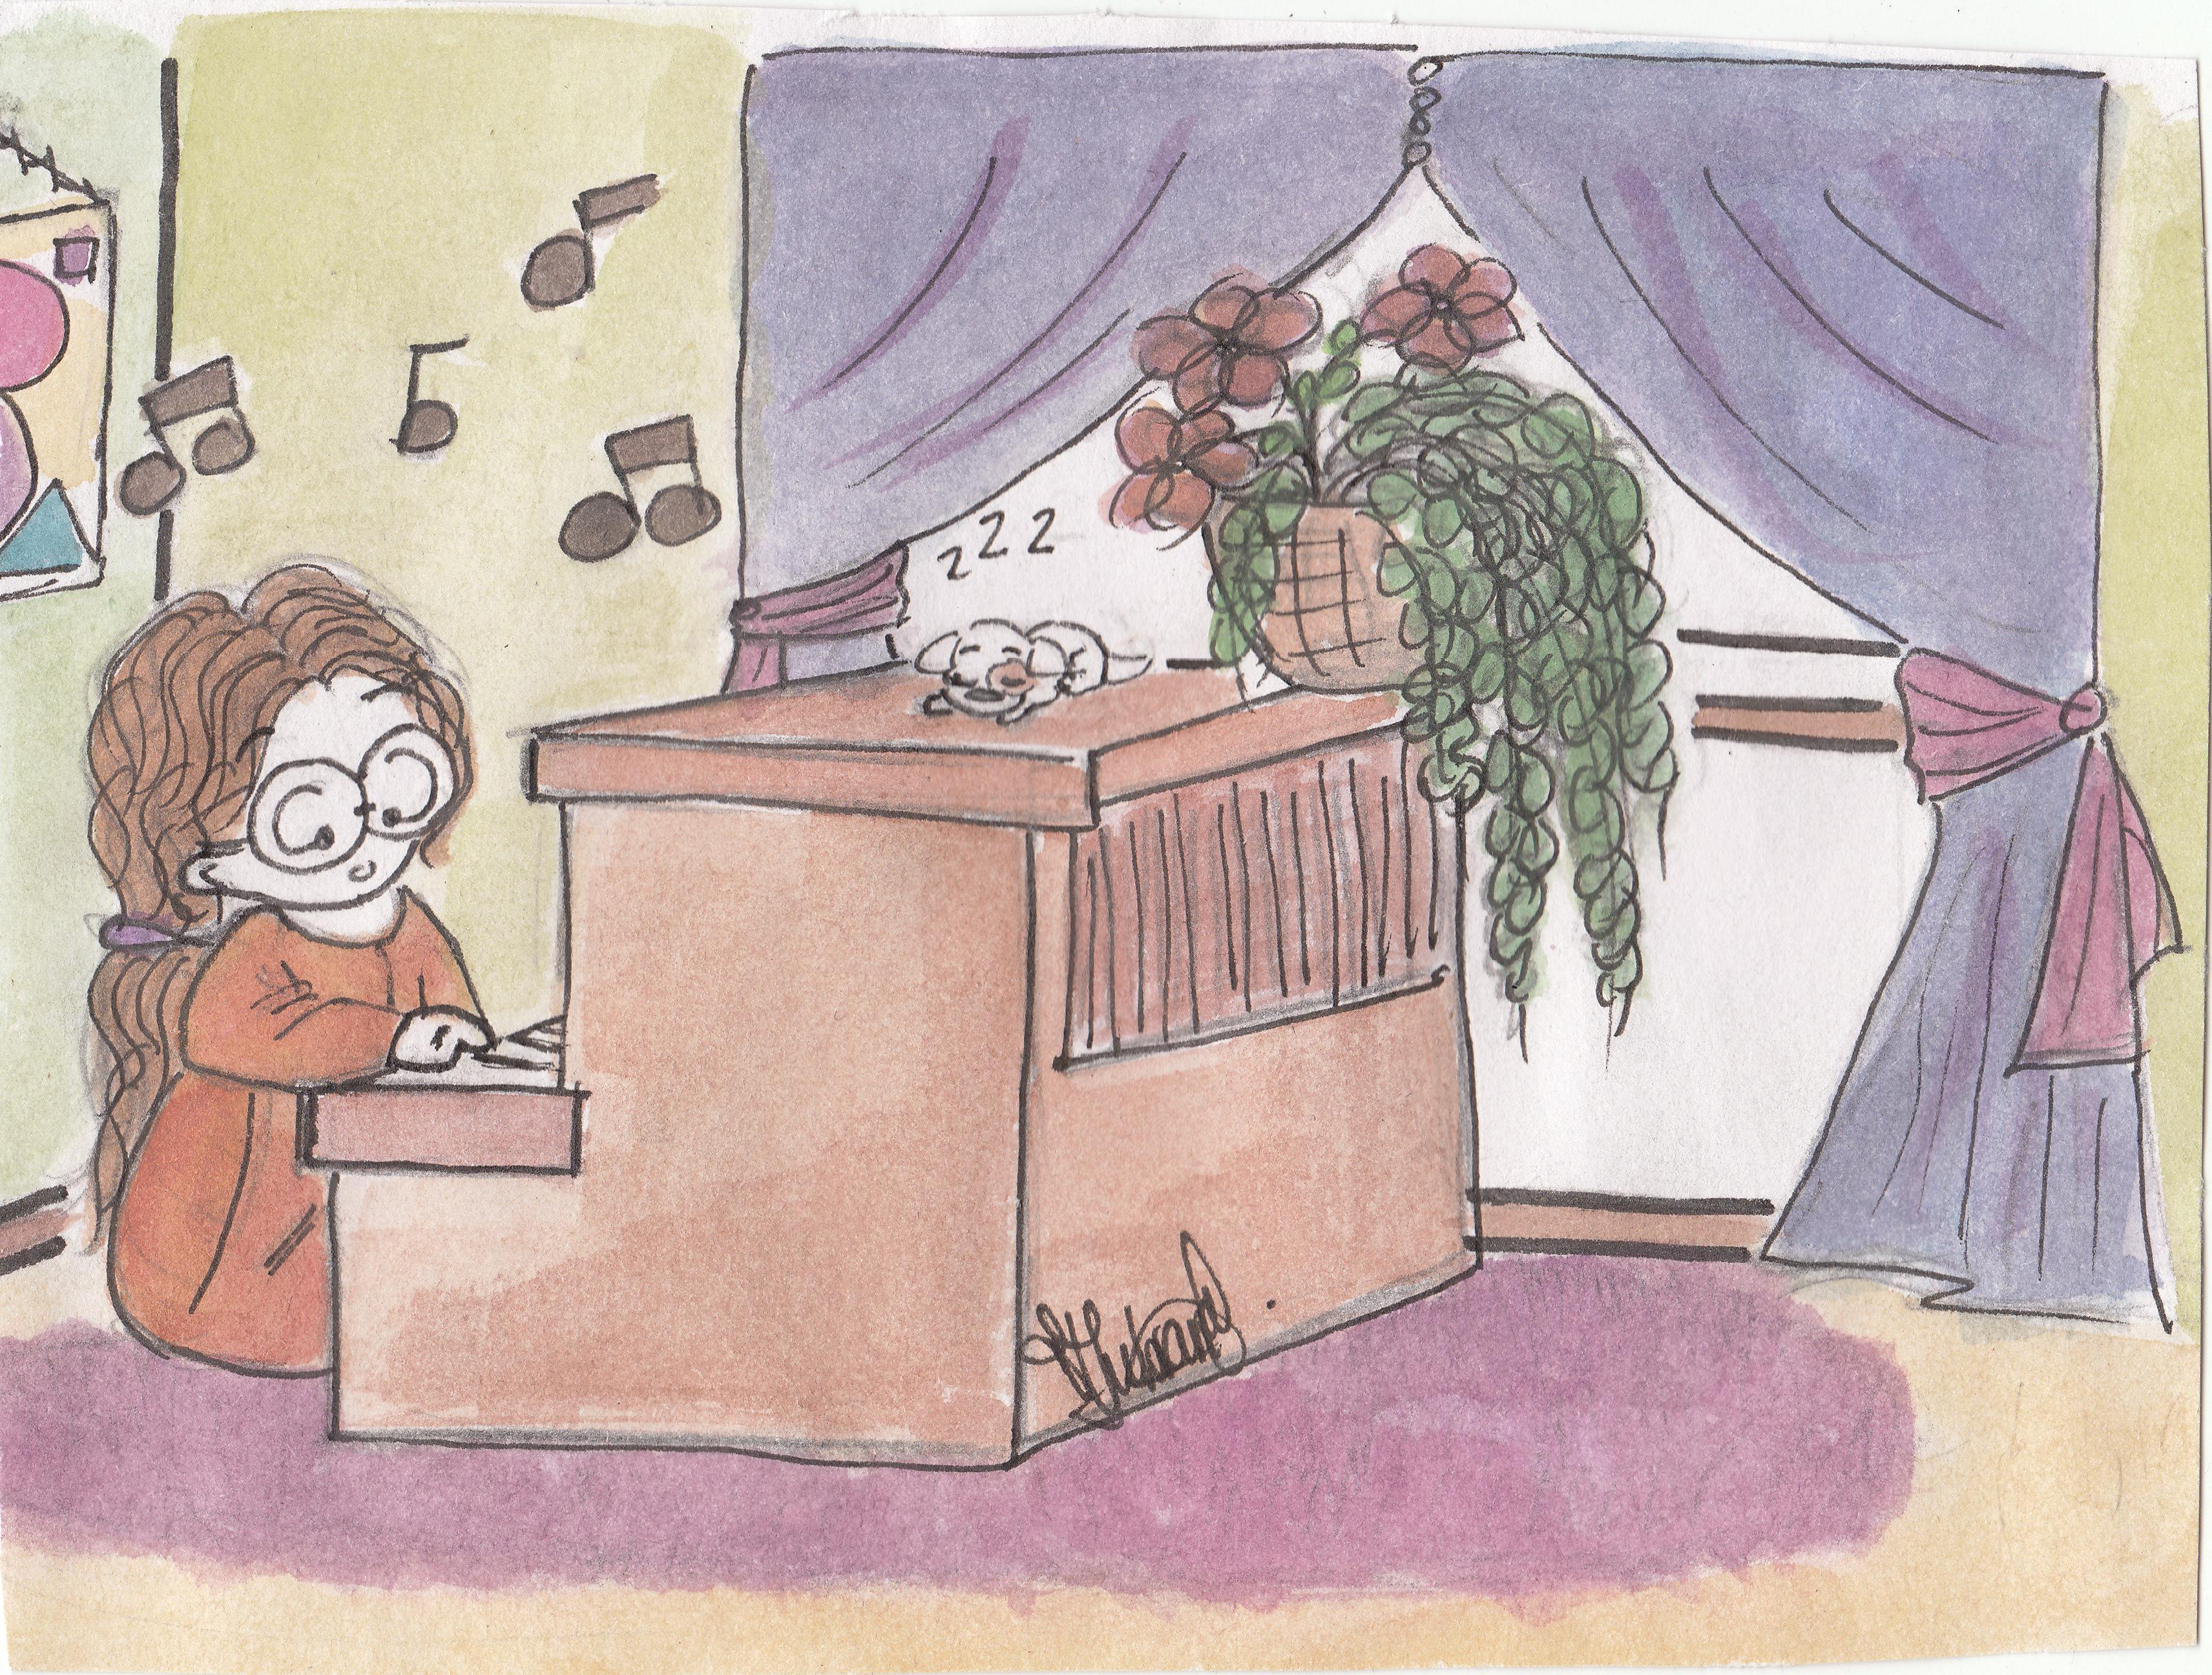 tahira_Nicole & piano